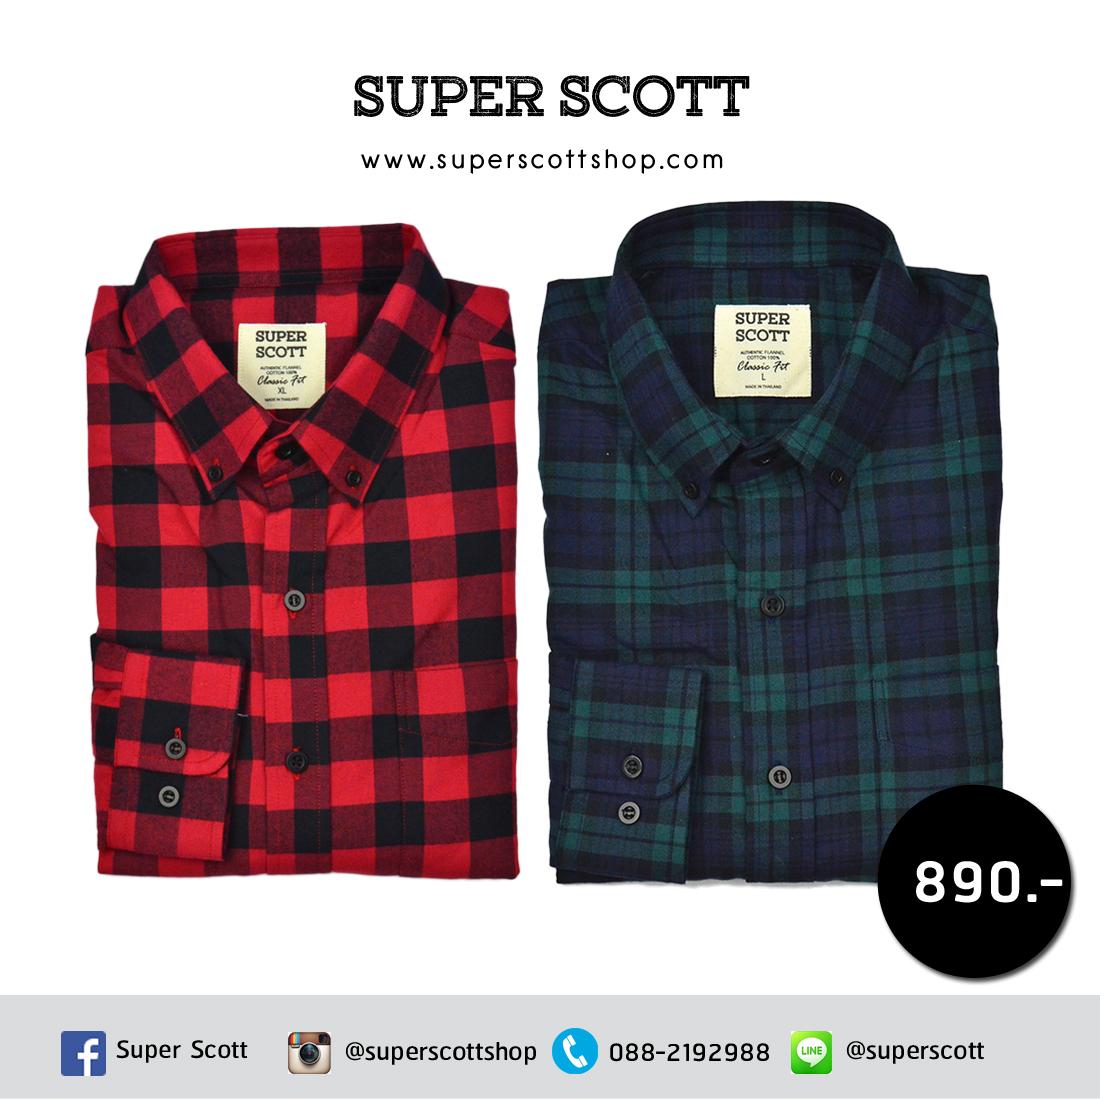 เสื้อลายสก๊อตสีแดง - เสื้อลายสก๊อตสีเขียว แพคคู่สุดคุ้ม